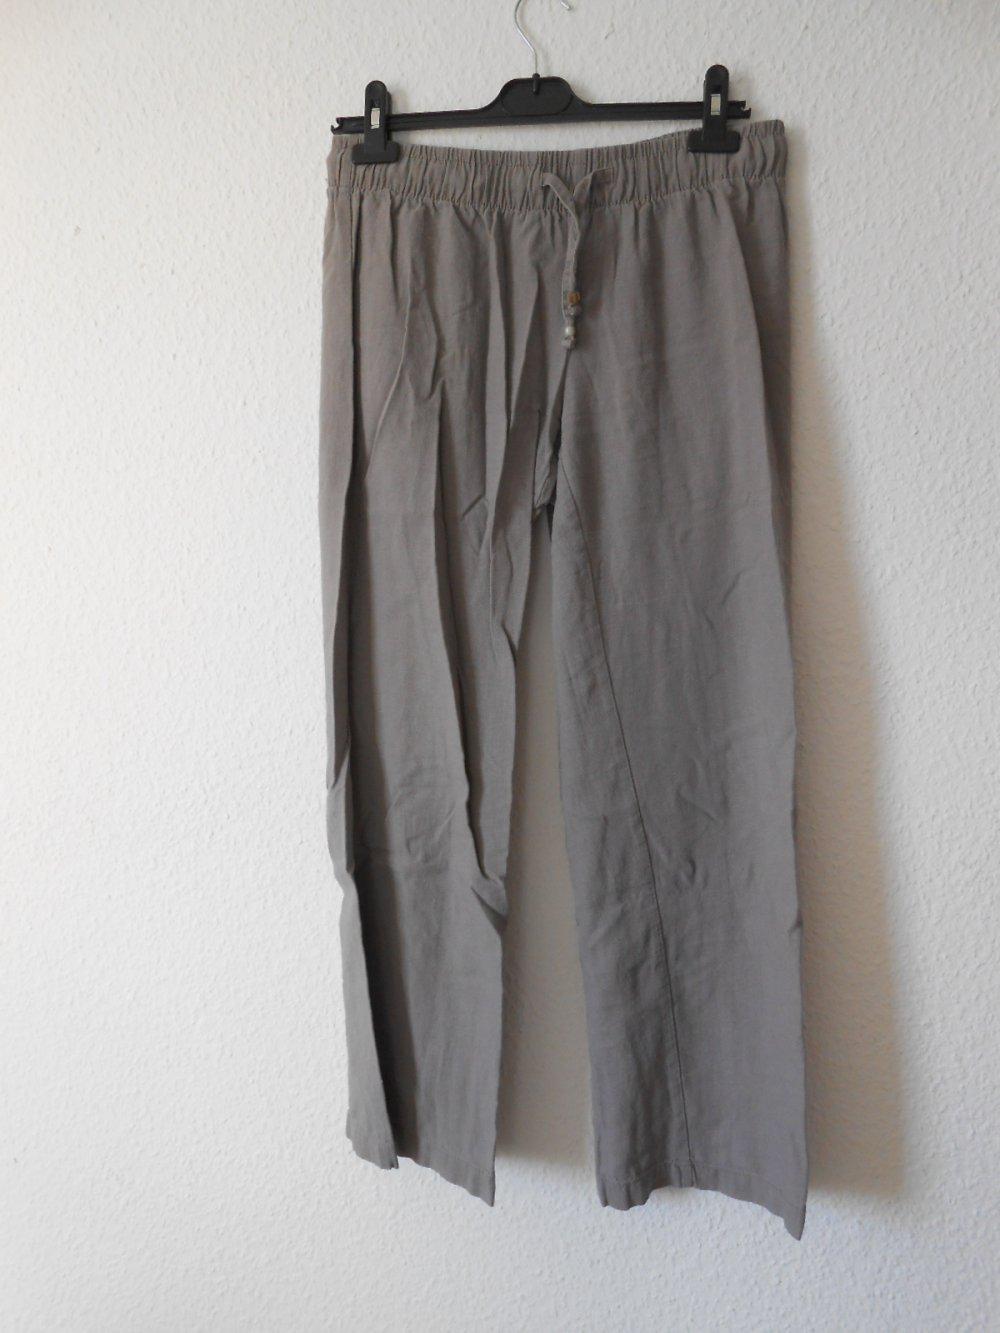 esmara - Graue Leinen Hose Marlene Stil 40    Kleiderkorb.de c62343d4c4